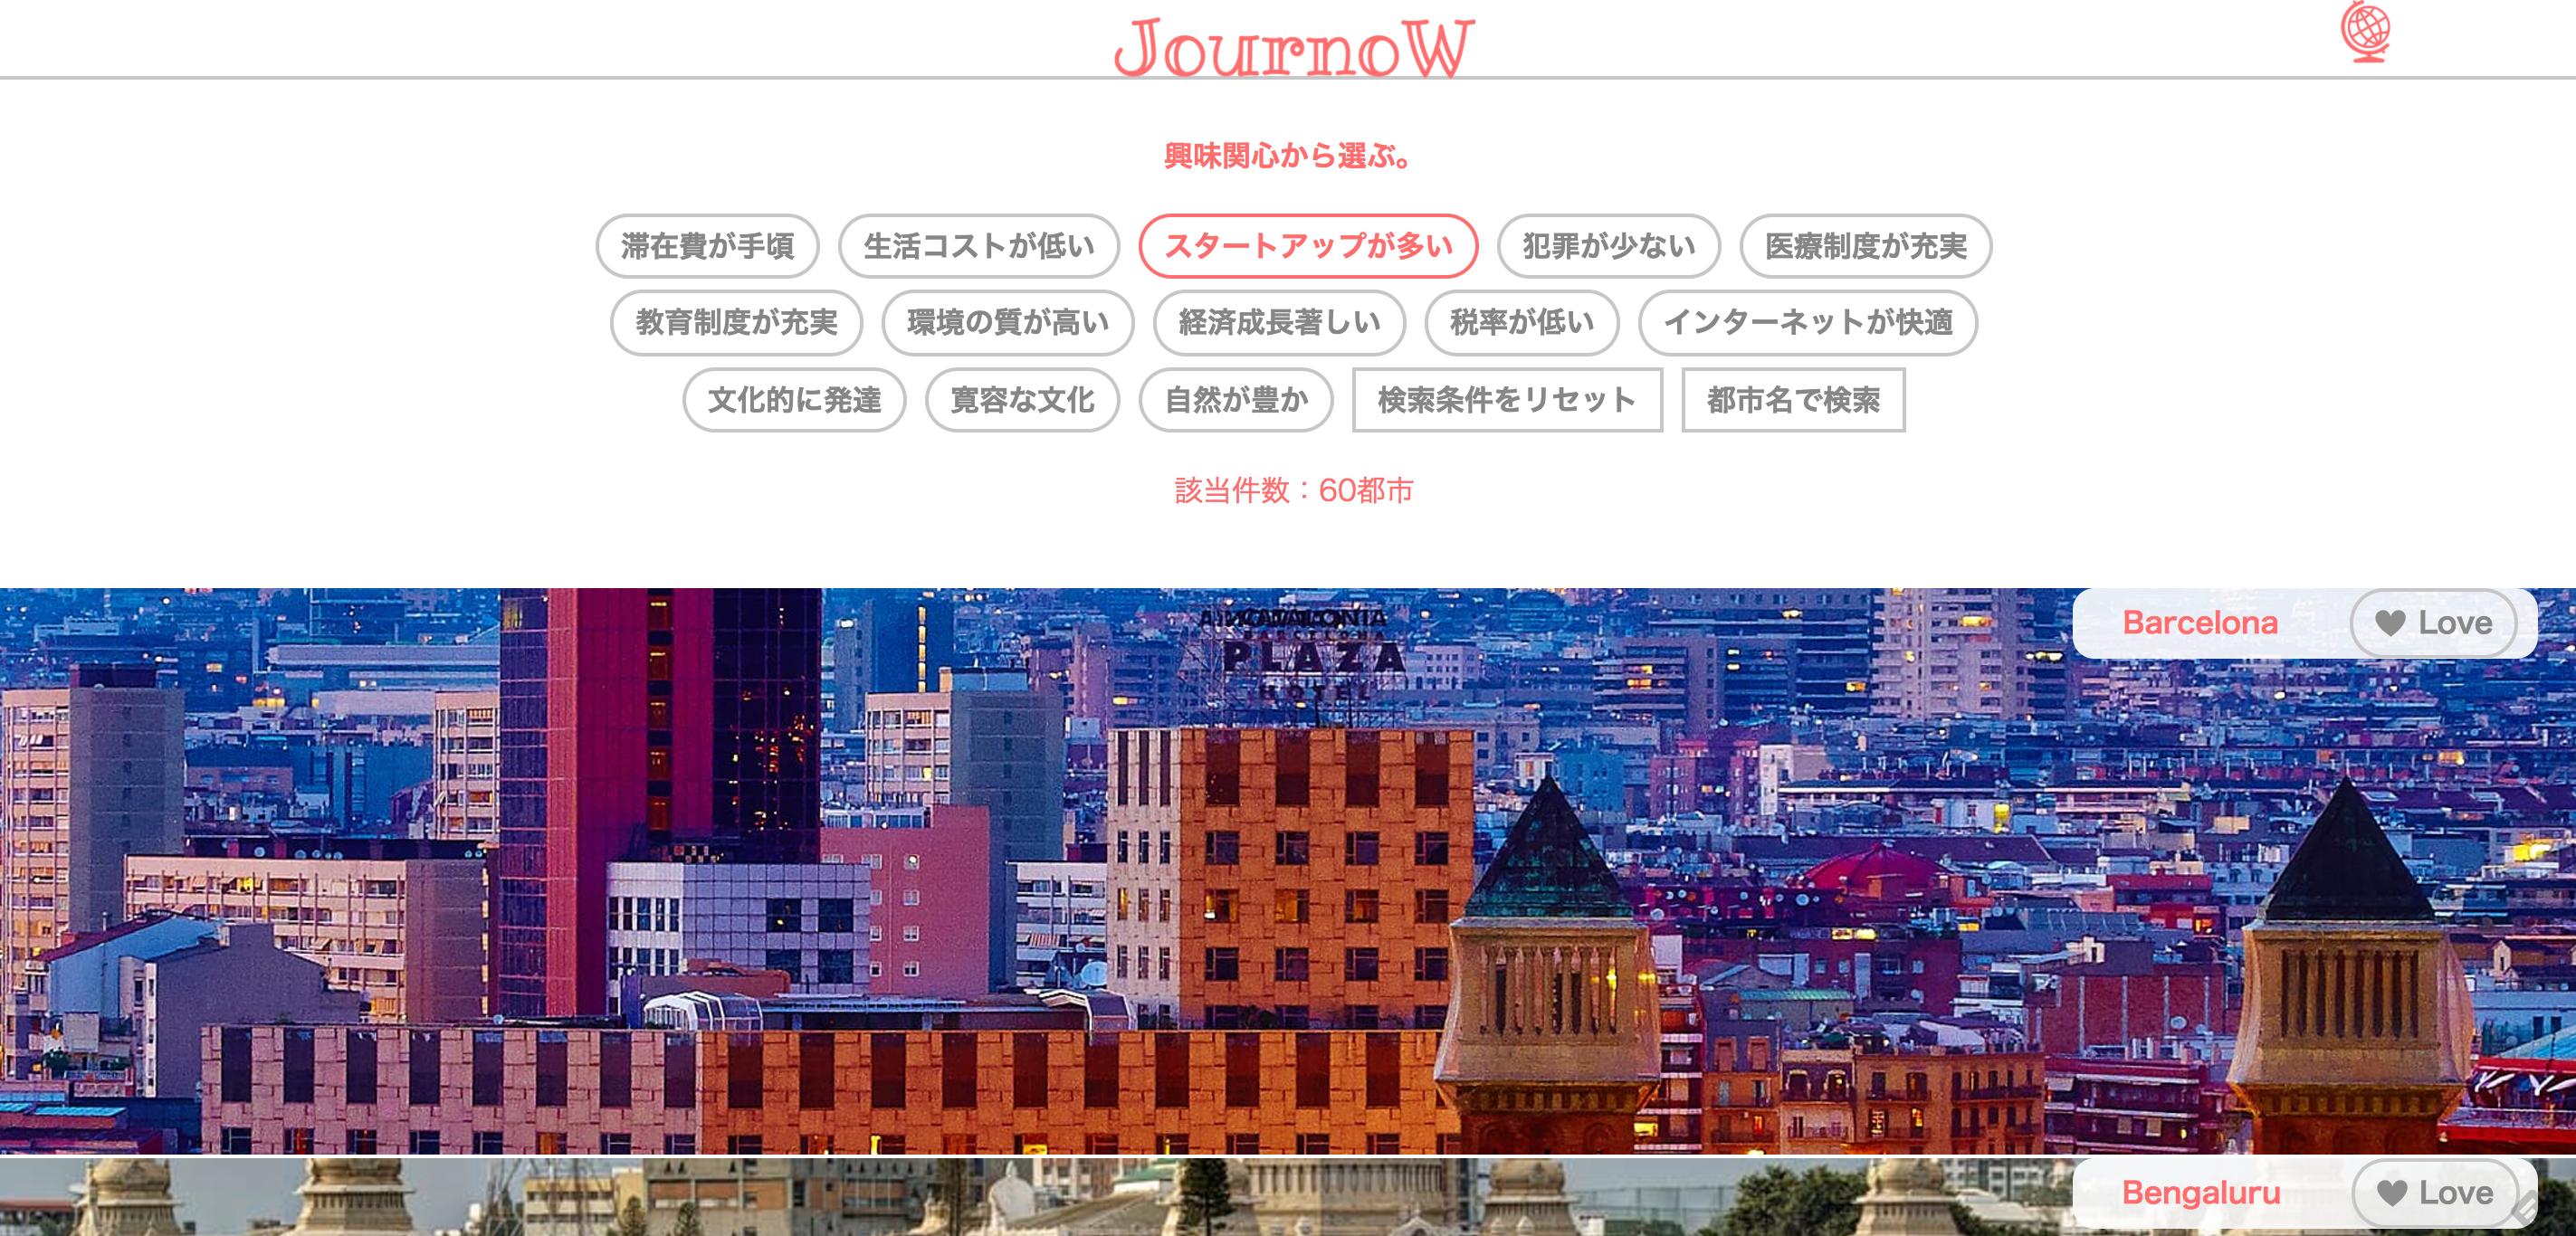 JournoW